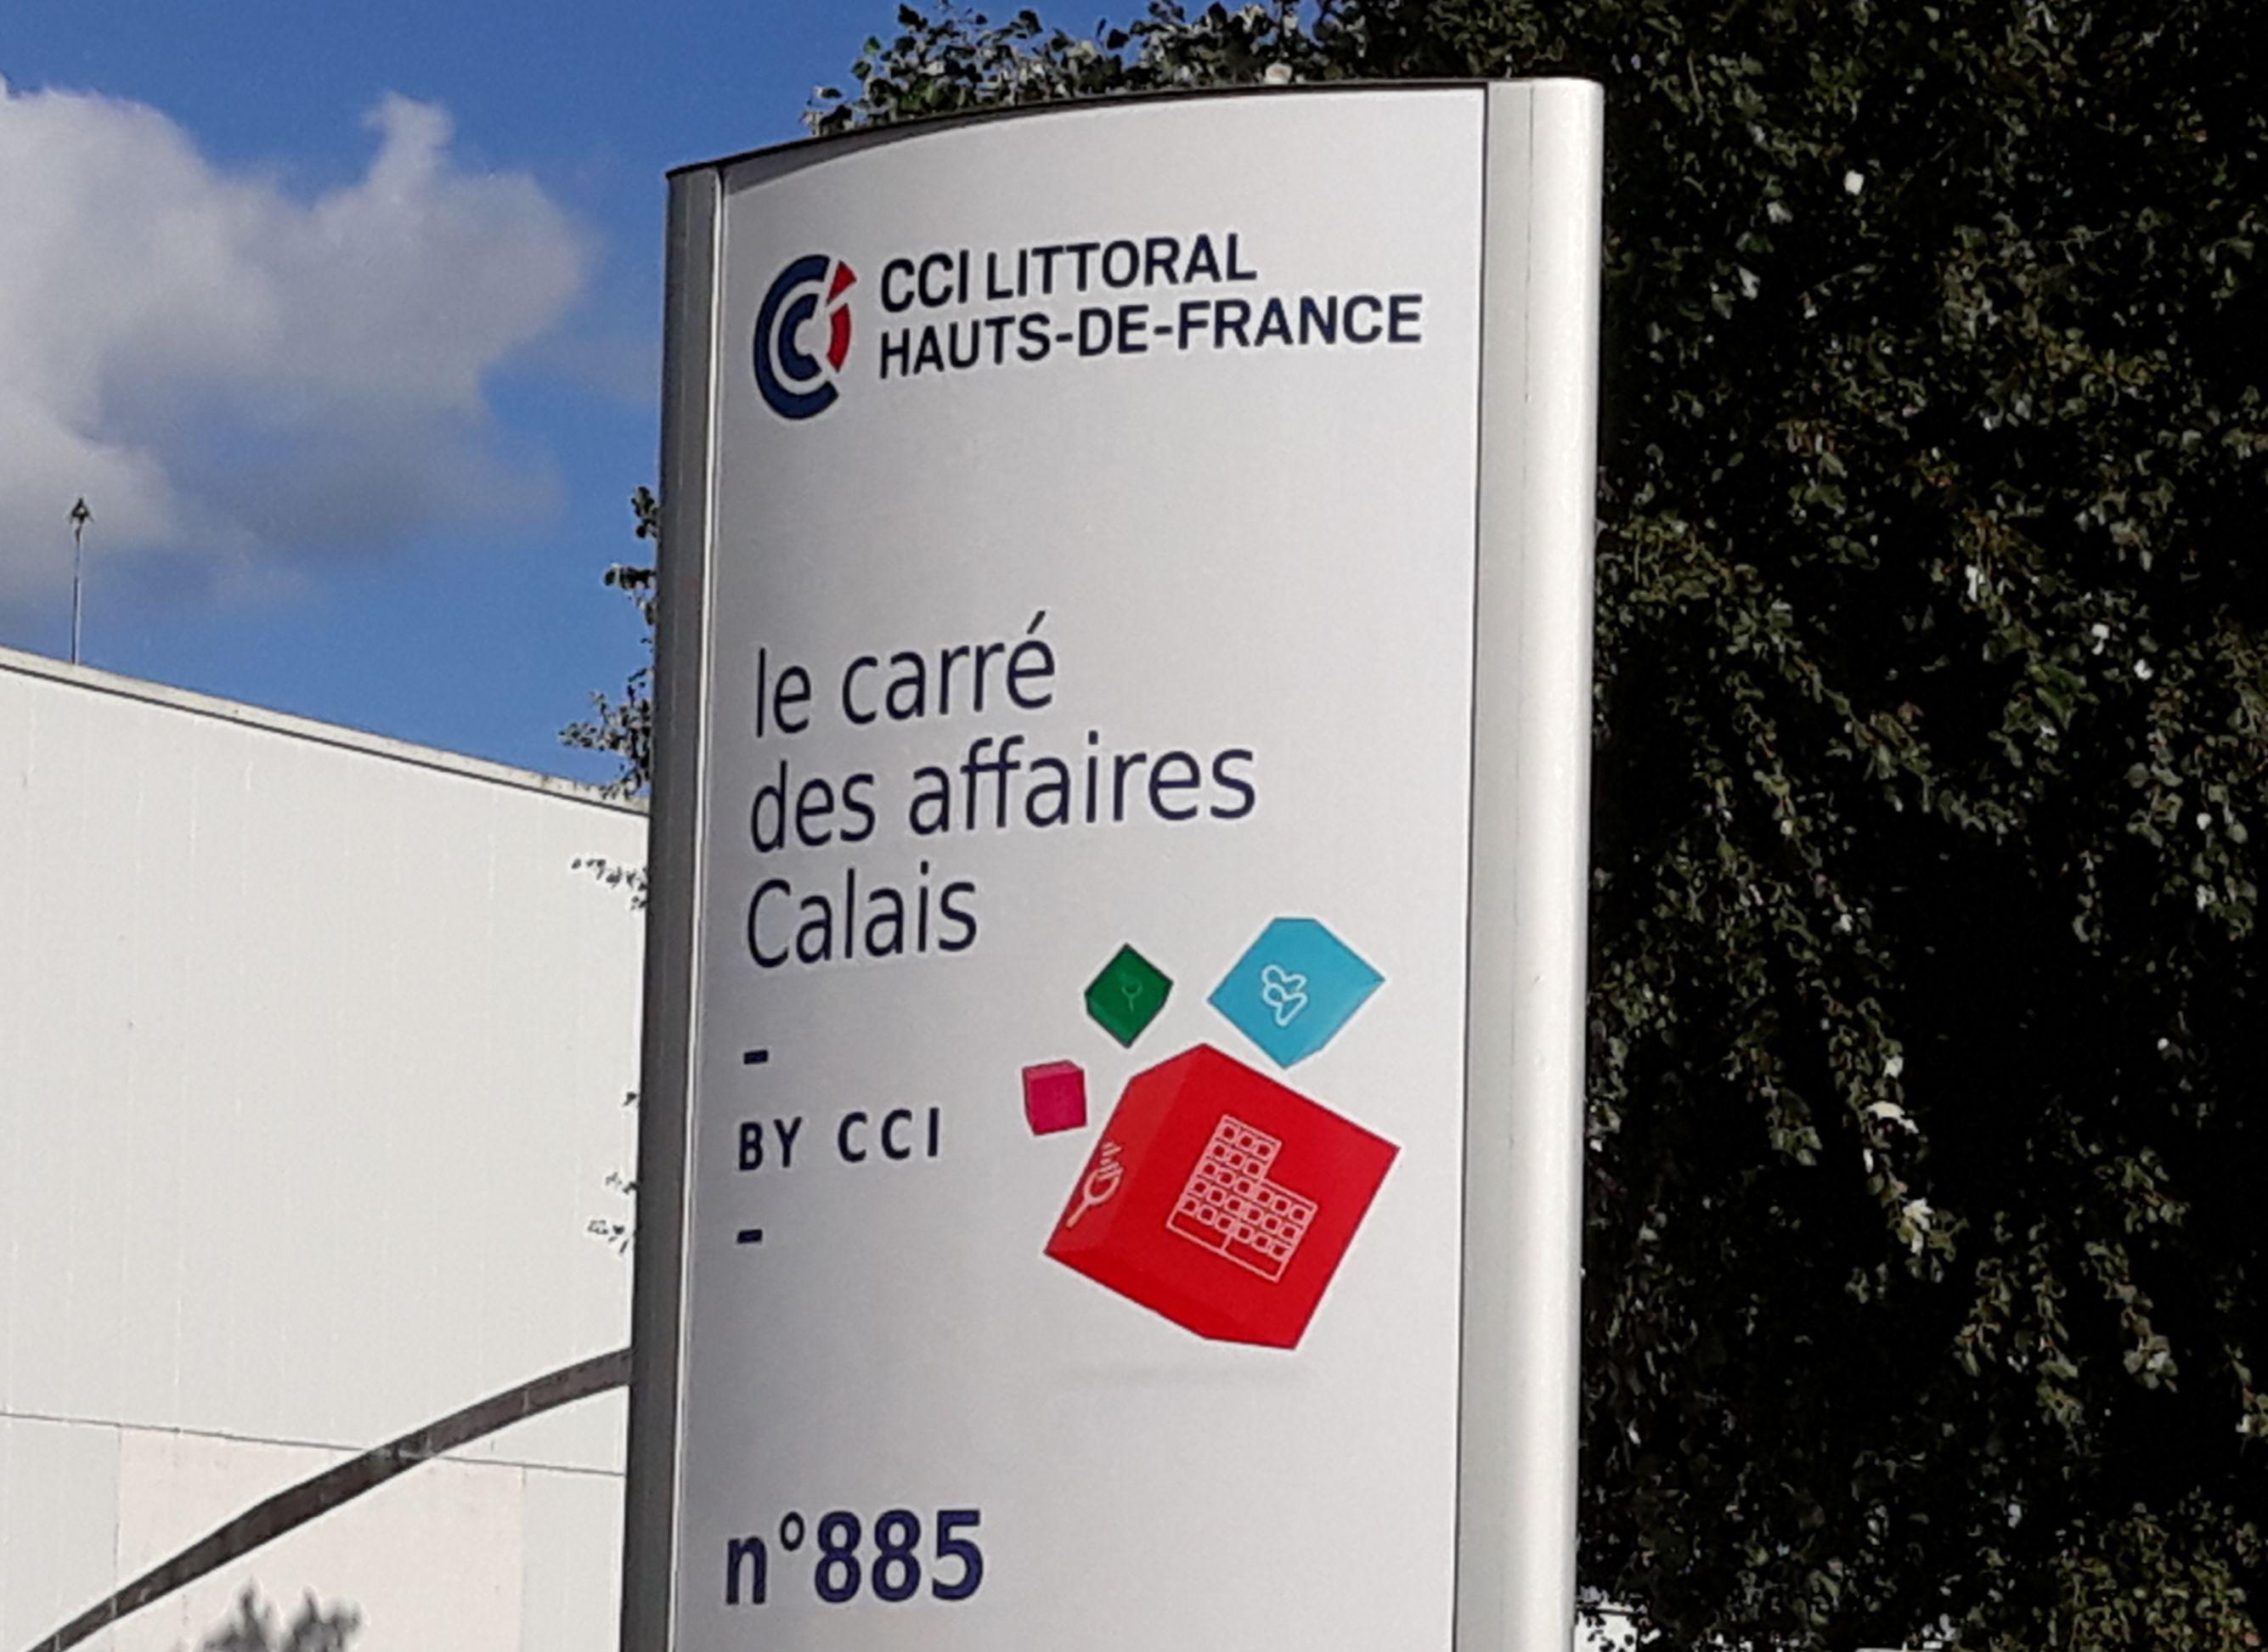 Totem Carré des Affaires Calais 885 rue Louis Breguet